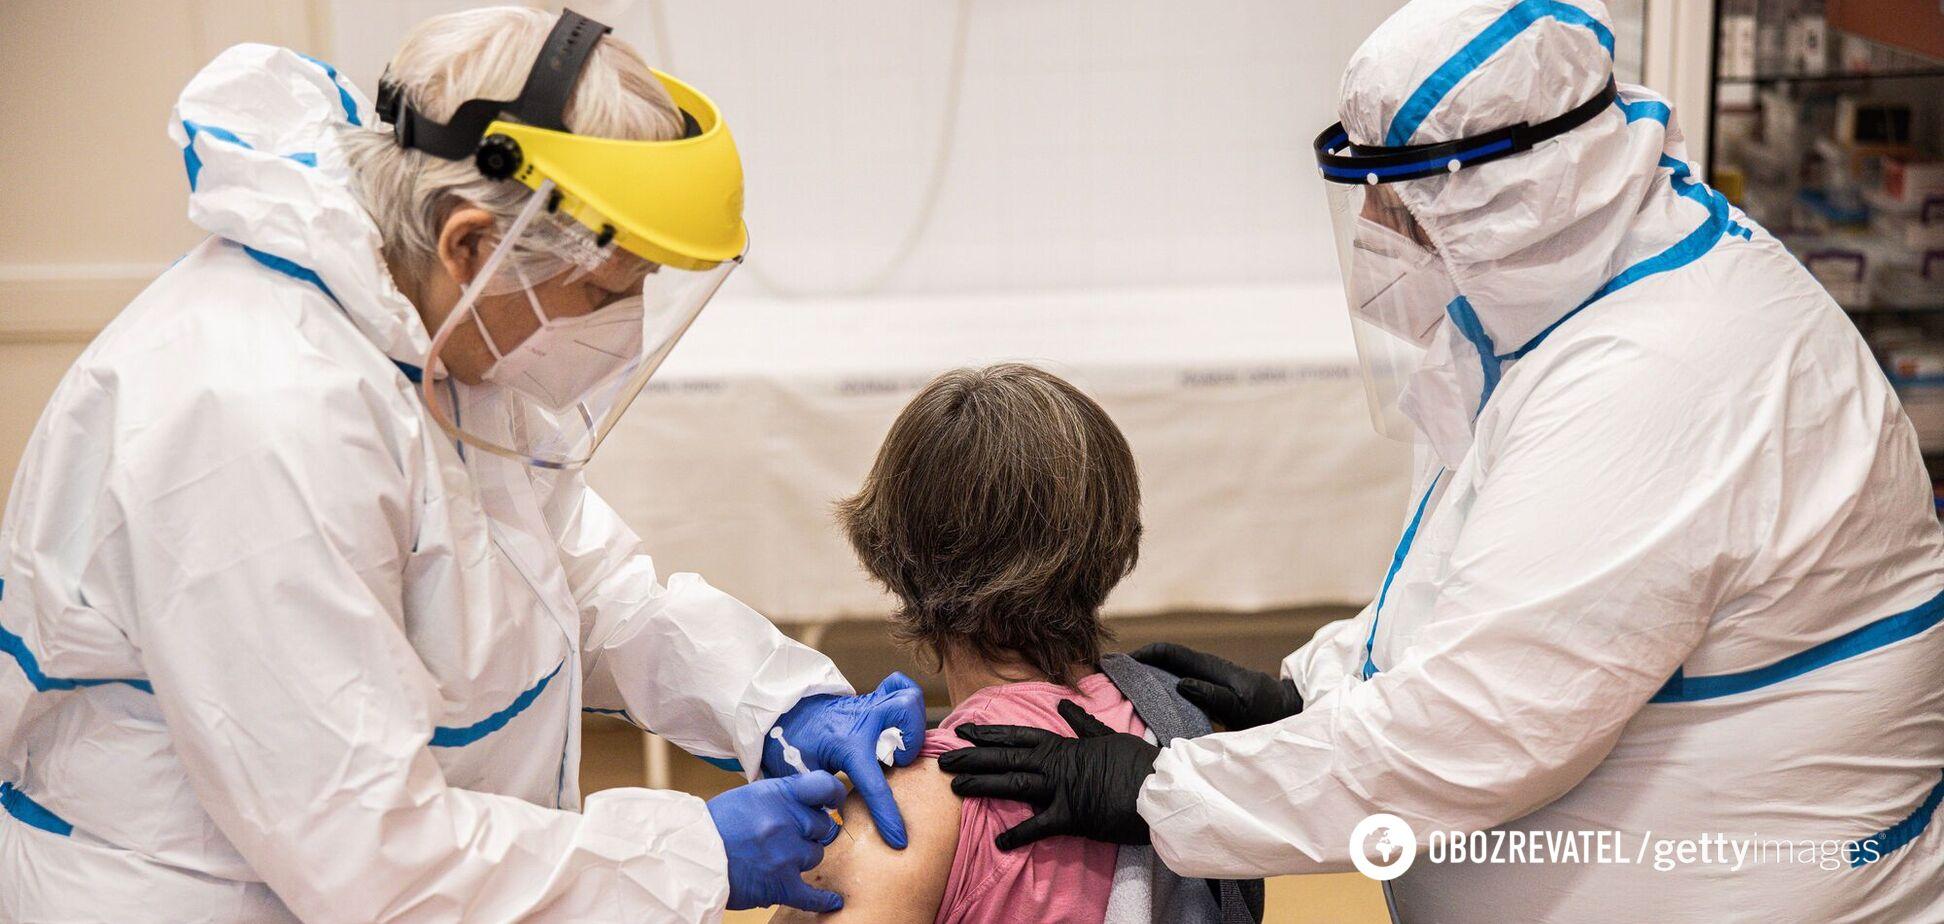 Угорщина попросила Китай продати вакцину від COVID-19 замість російської